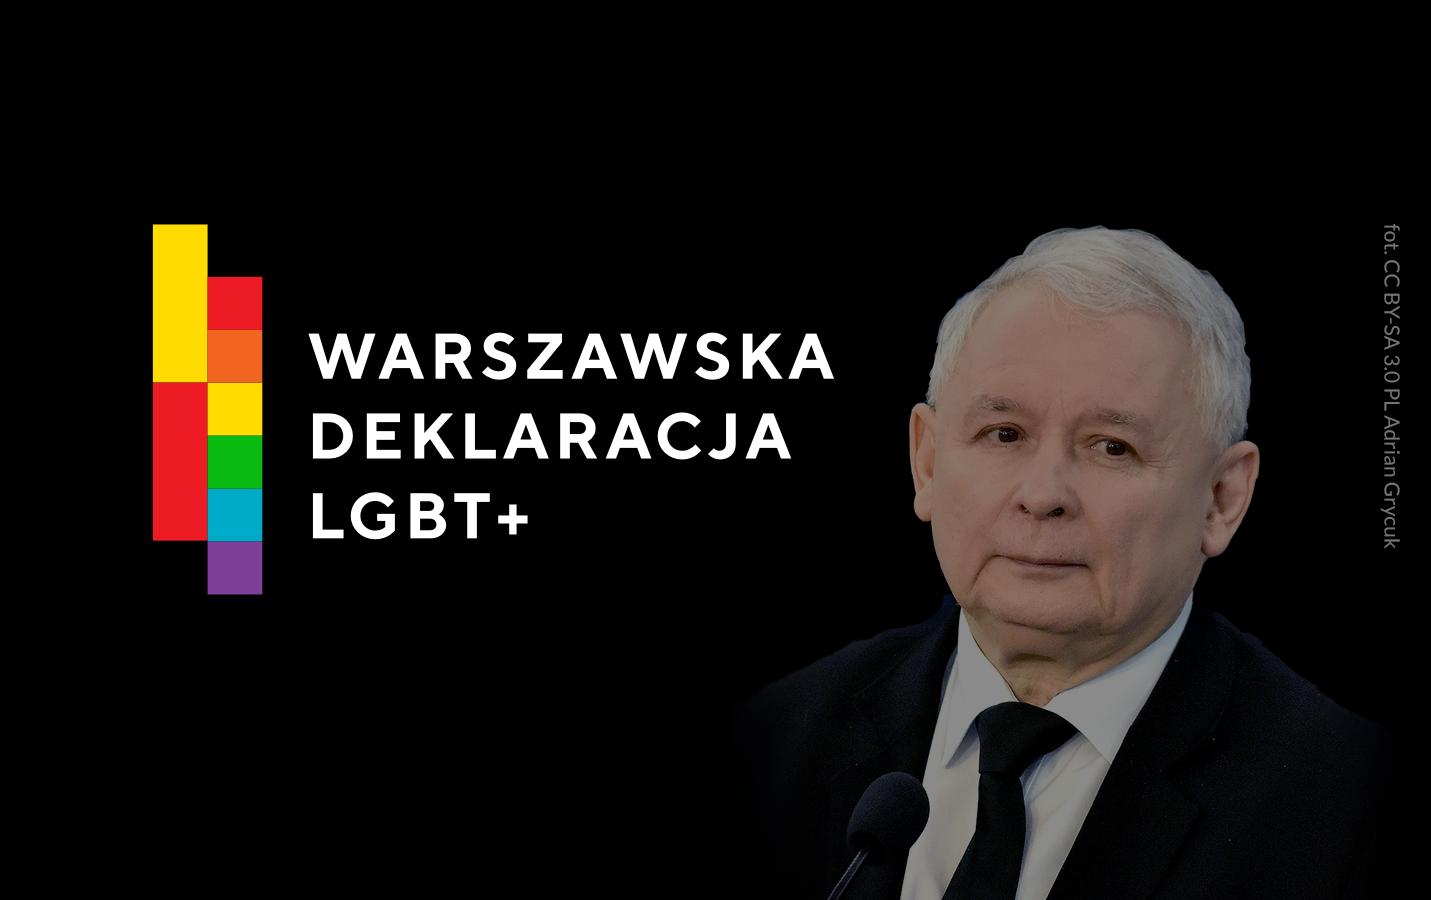 Jarosław Kaczyński konwencja PiS deklaracja LGBT+ program kampania wyborcza